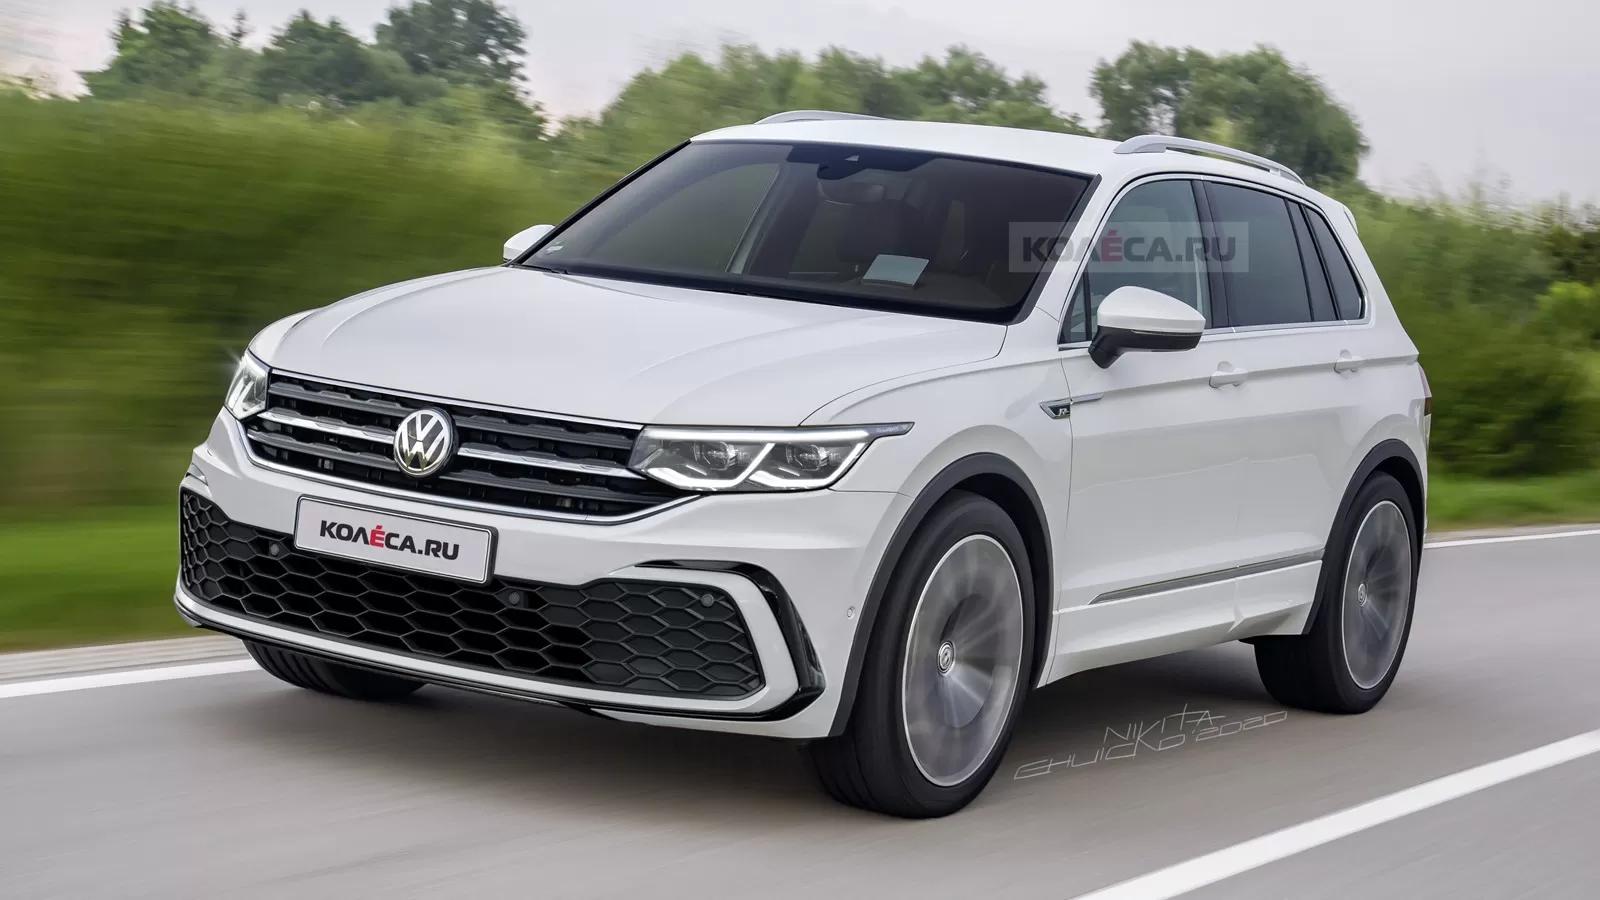 2021 Volkswagen Tiguan II Facelift 11